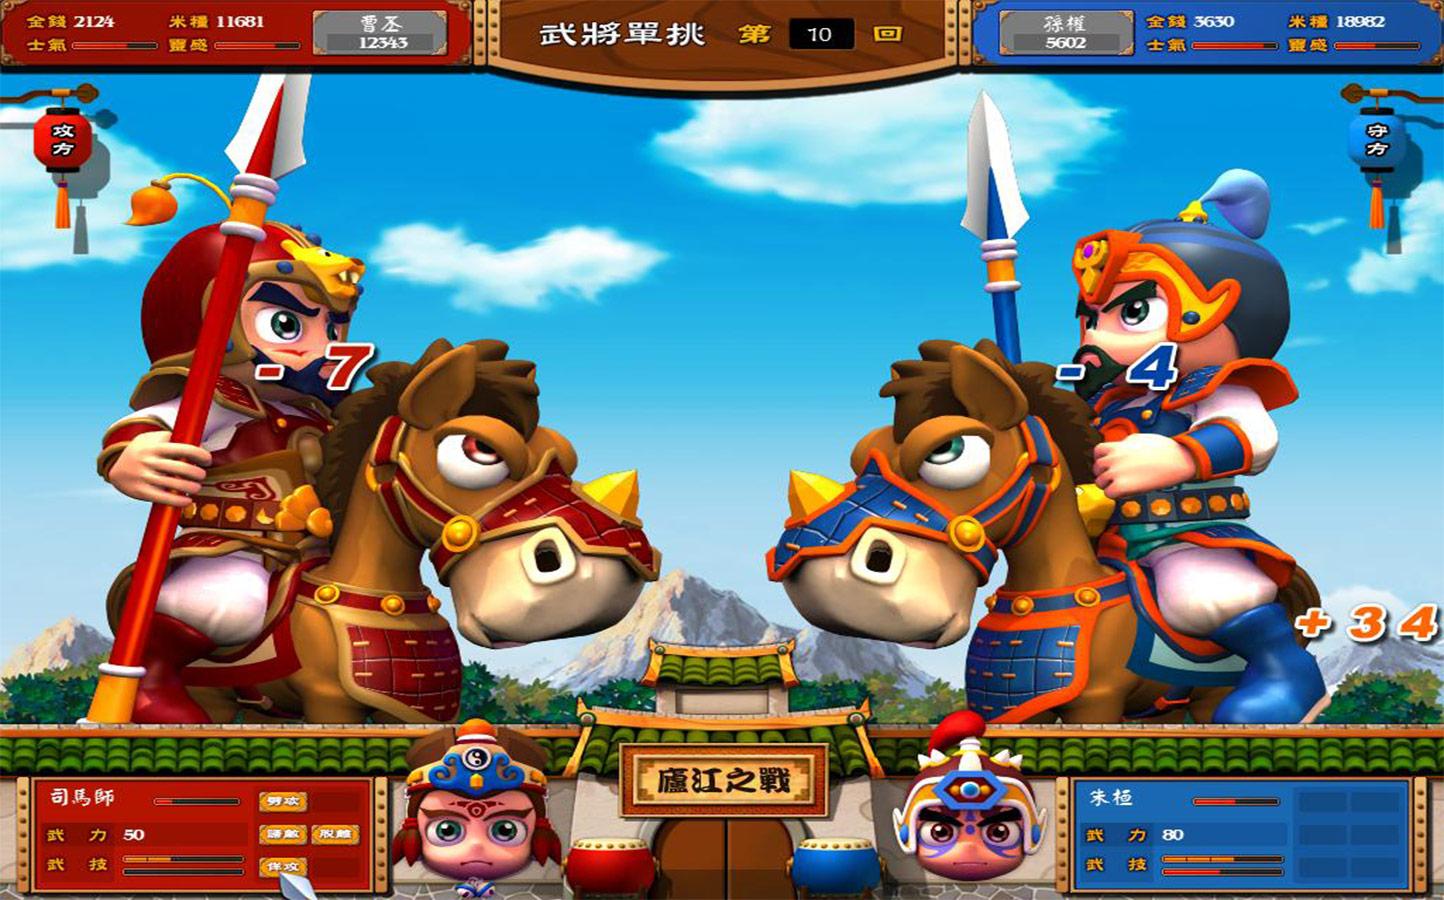 三国大战_单机游戏大全_单机游戏下载_QQ游